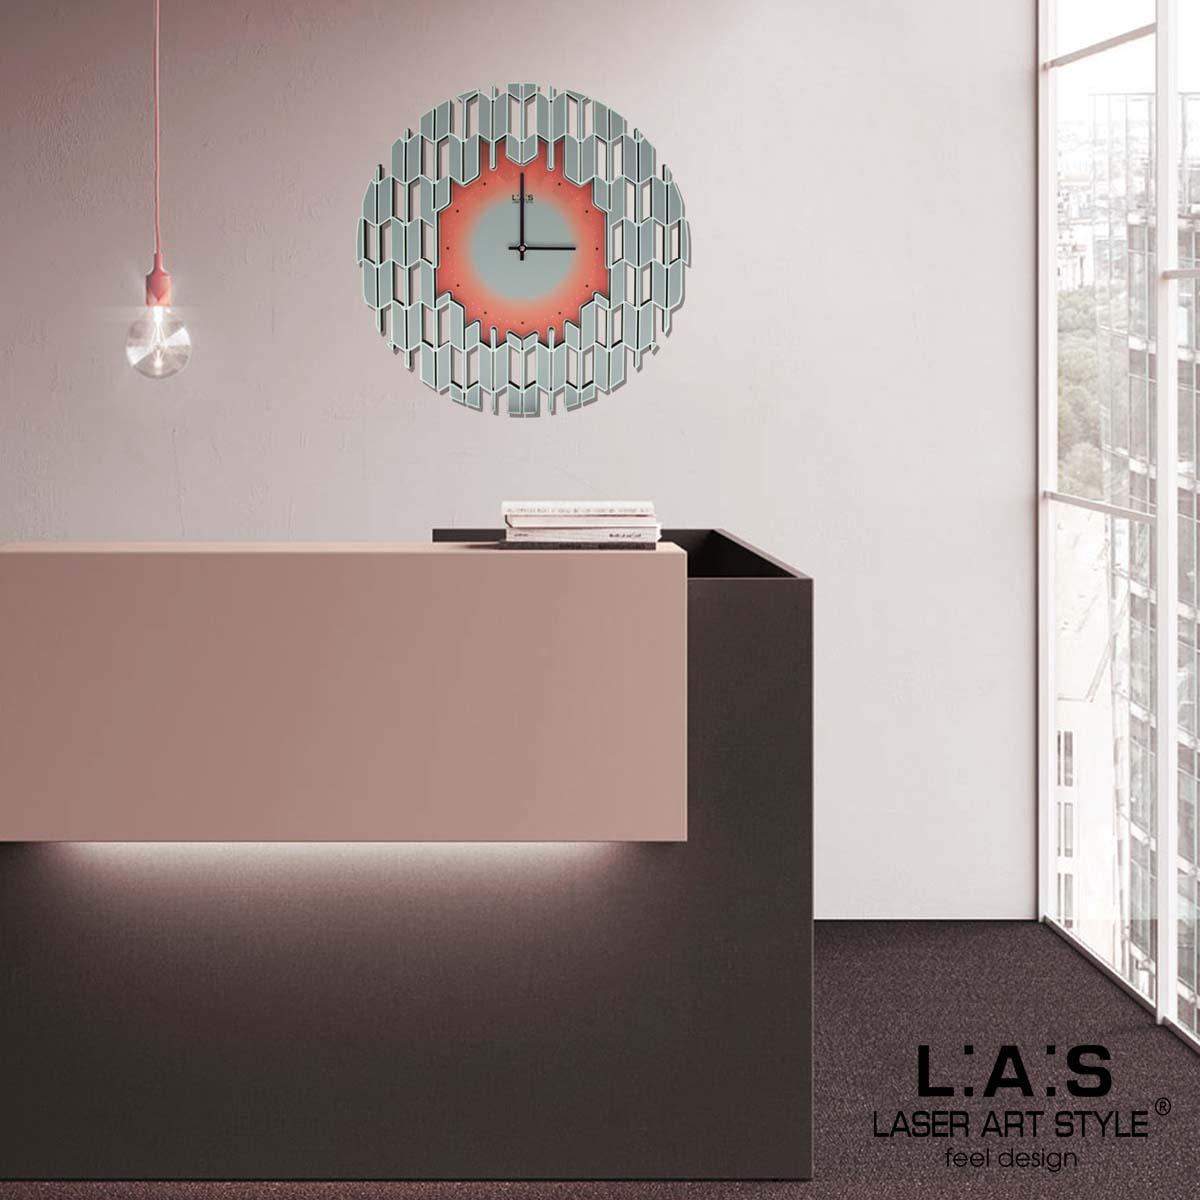 L:A:S - Laser Art Style - OROLOGIO DA PARETE DESIGN SI-540 DECORO ROSA-NERO